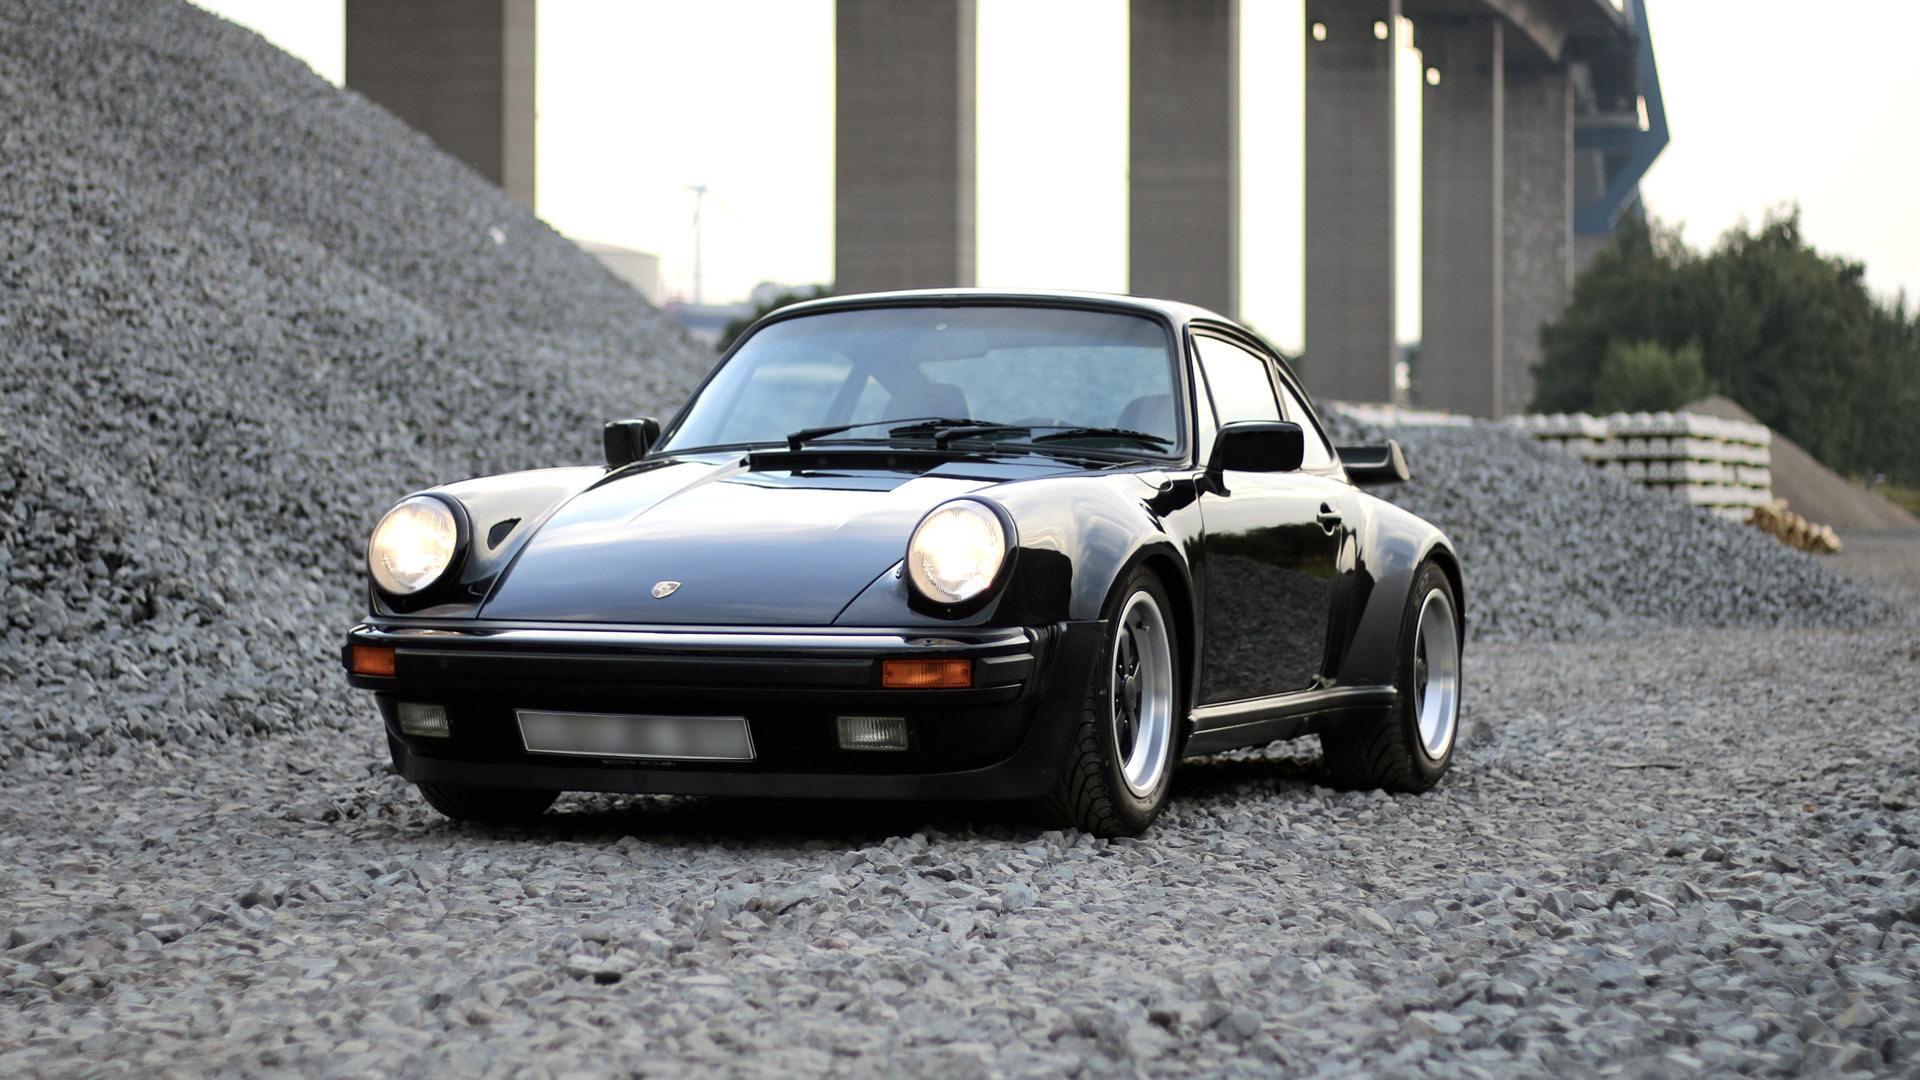 Coche del día: Porsche 911 Carrera 3.2 (930)